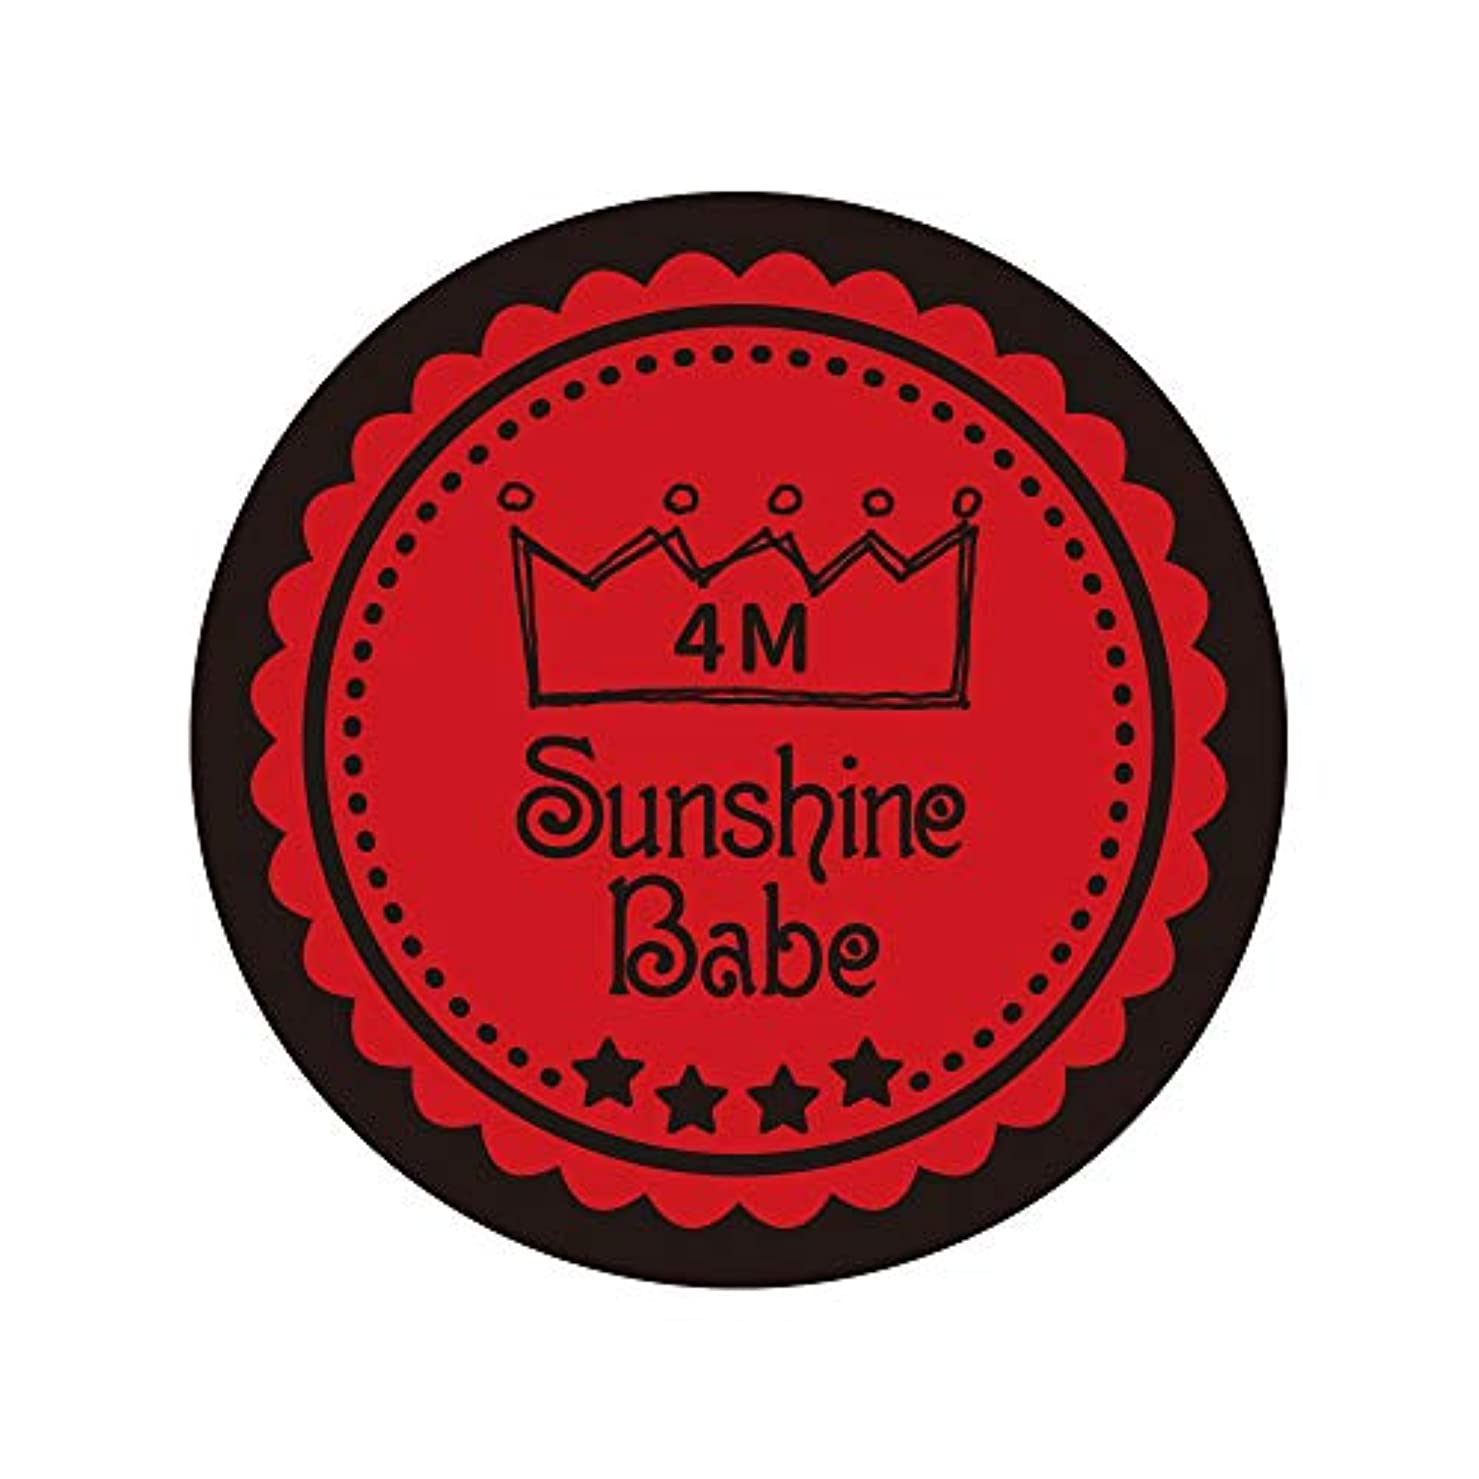 マトロングリップしみSunshine Babe カラージェル 4S チェリートマト 2.7g UV/LED対応